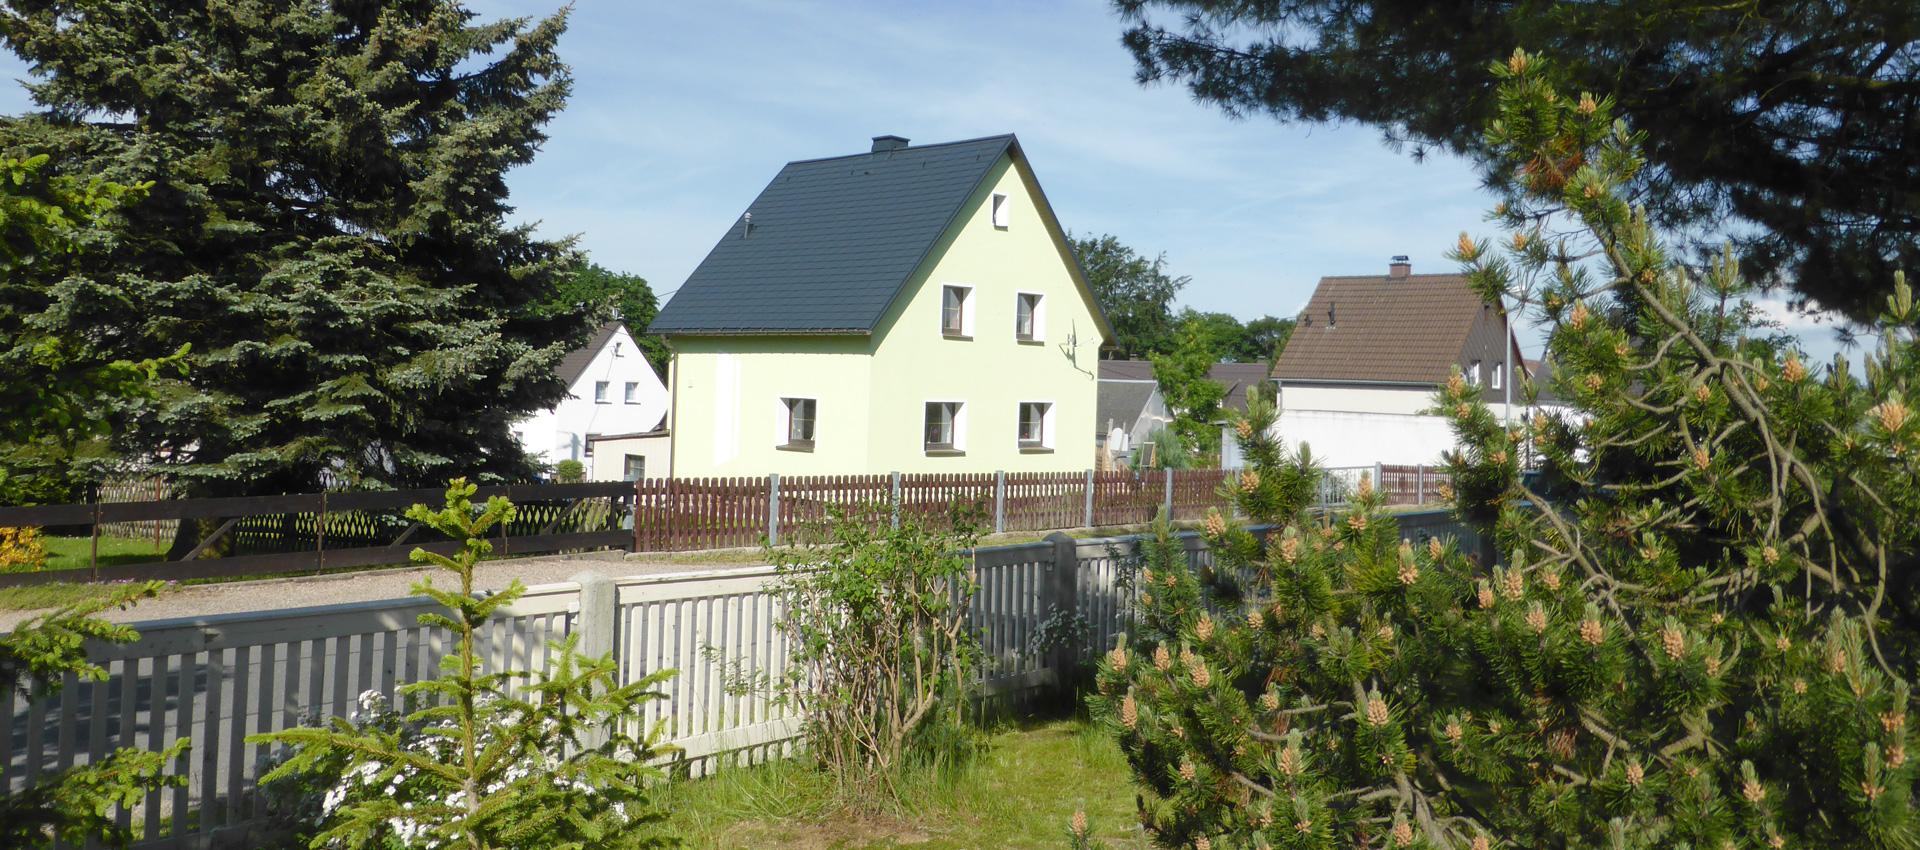 Ferienhaus Waldstraße